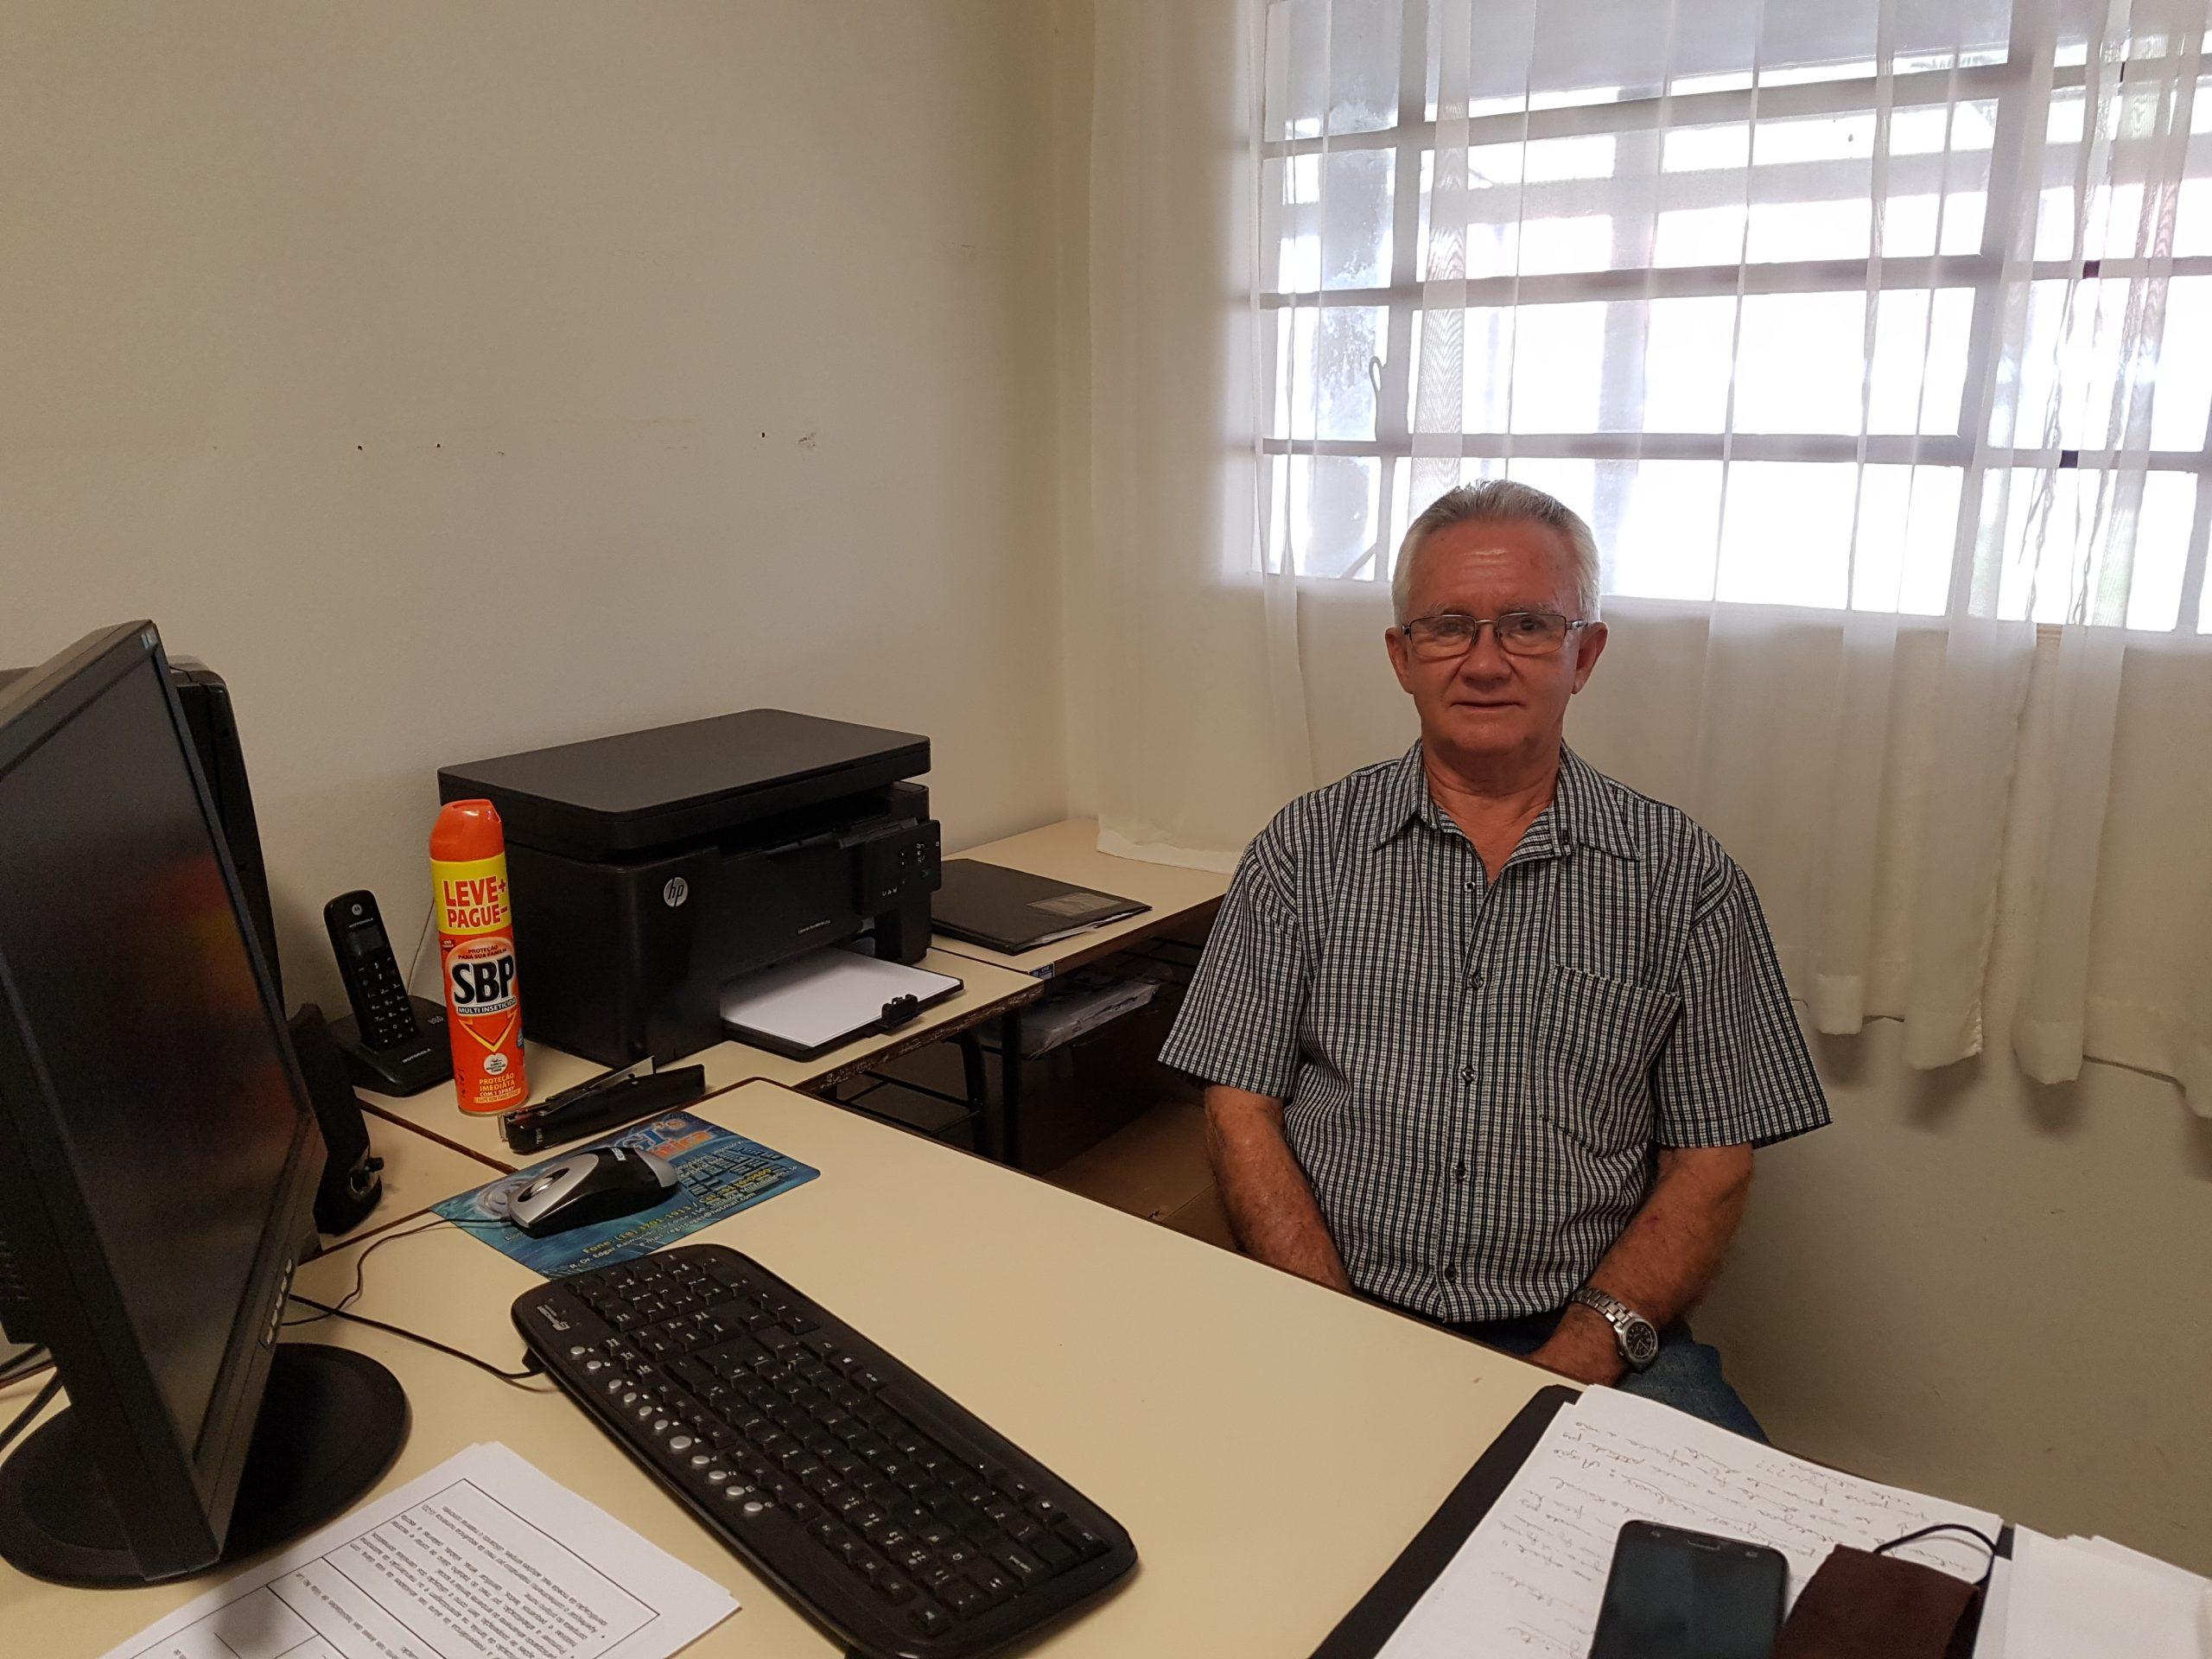 'O trabalho social é uma forma de aprender ajudando', analisa José Augusto, presidente da Apae de Mirandópolis